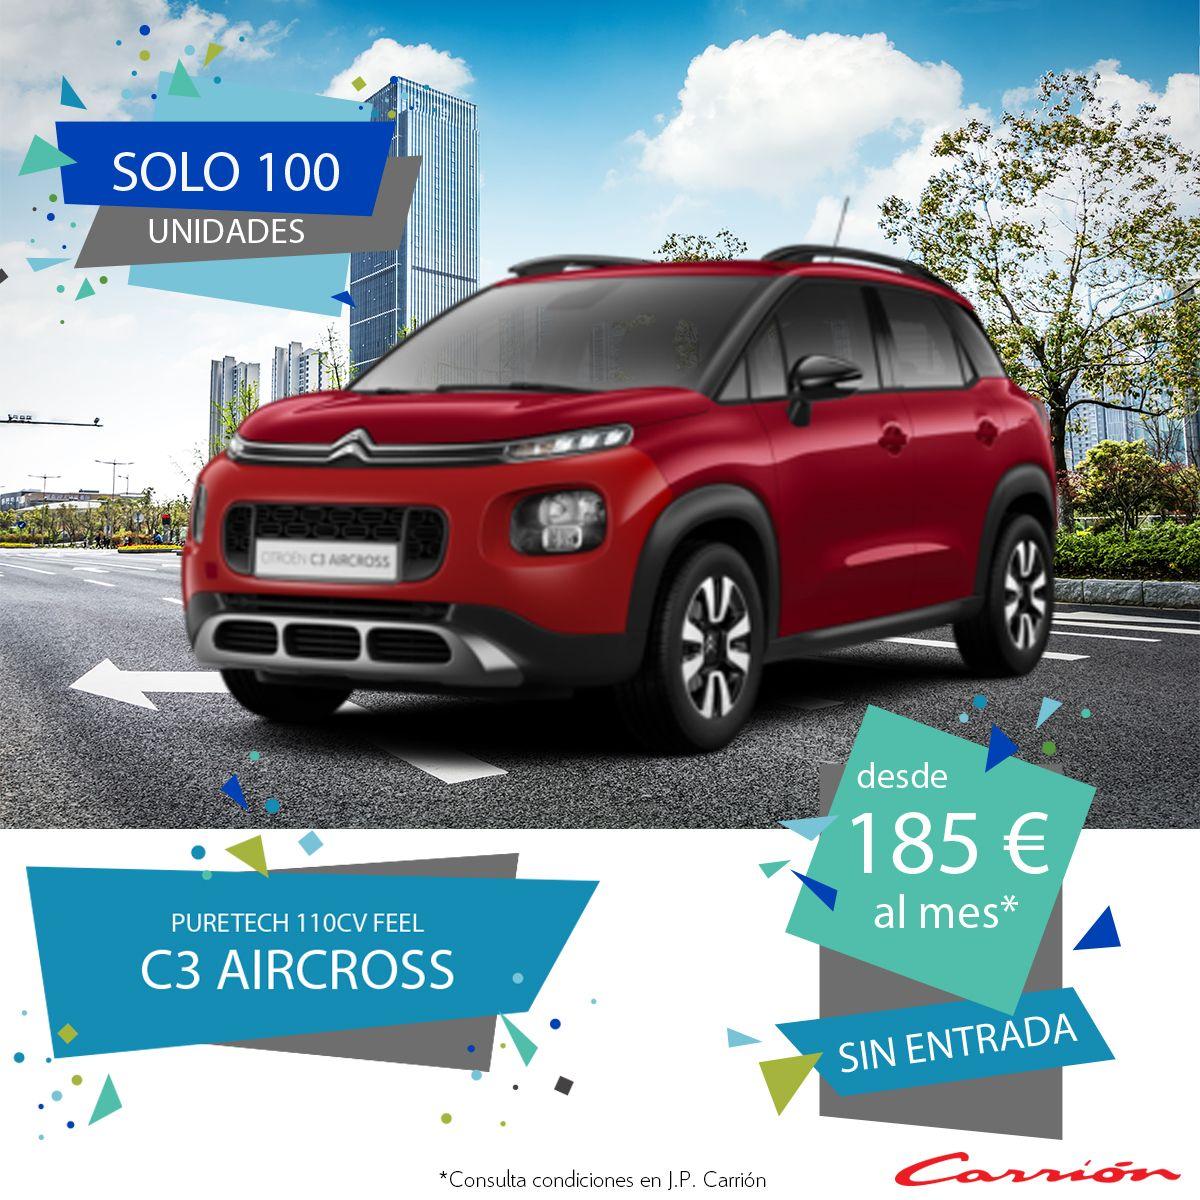 C3 Aircross PureTech 110CV desde 185 €/mes* ¡Sin entrada!